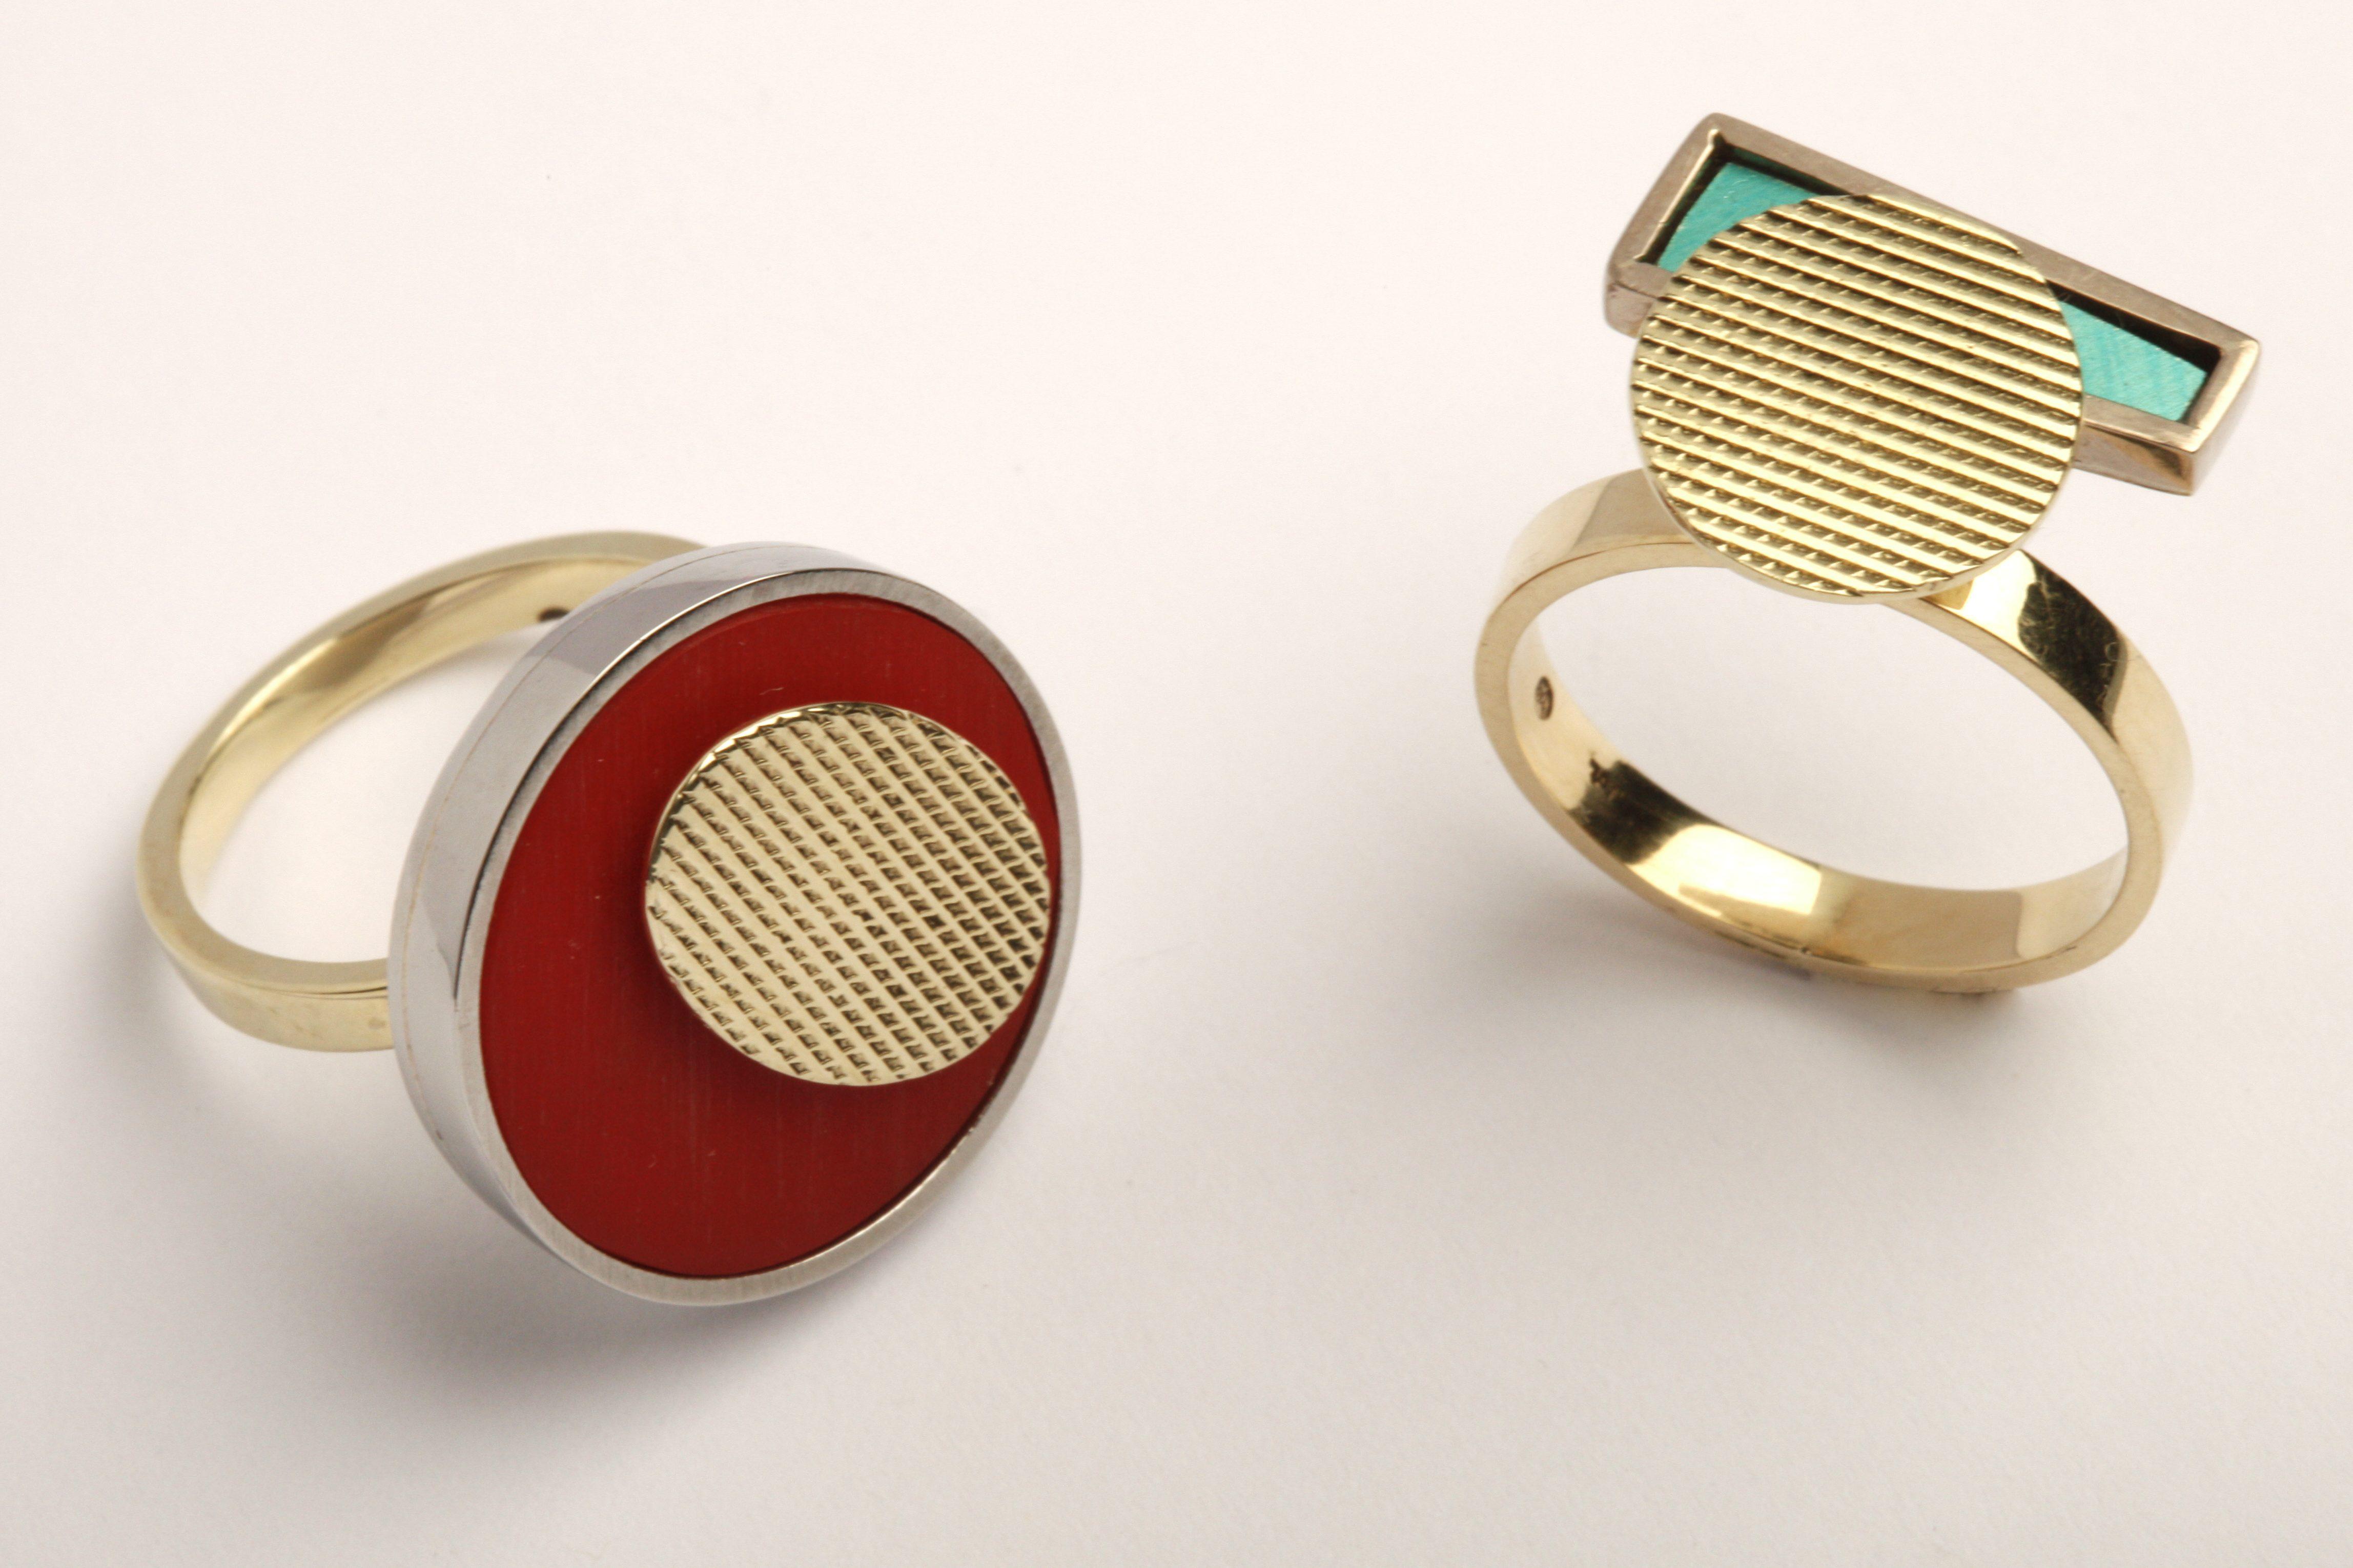 Karel Betman, ringen, goud, zilver, roestvrij staal, acryl